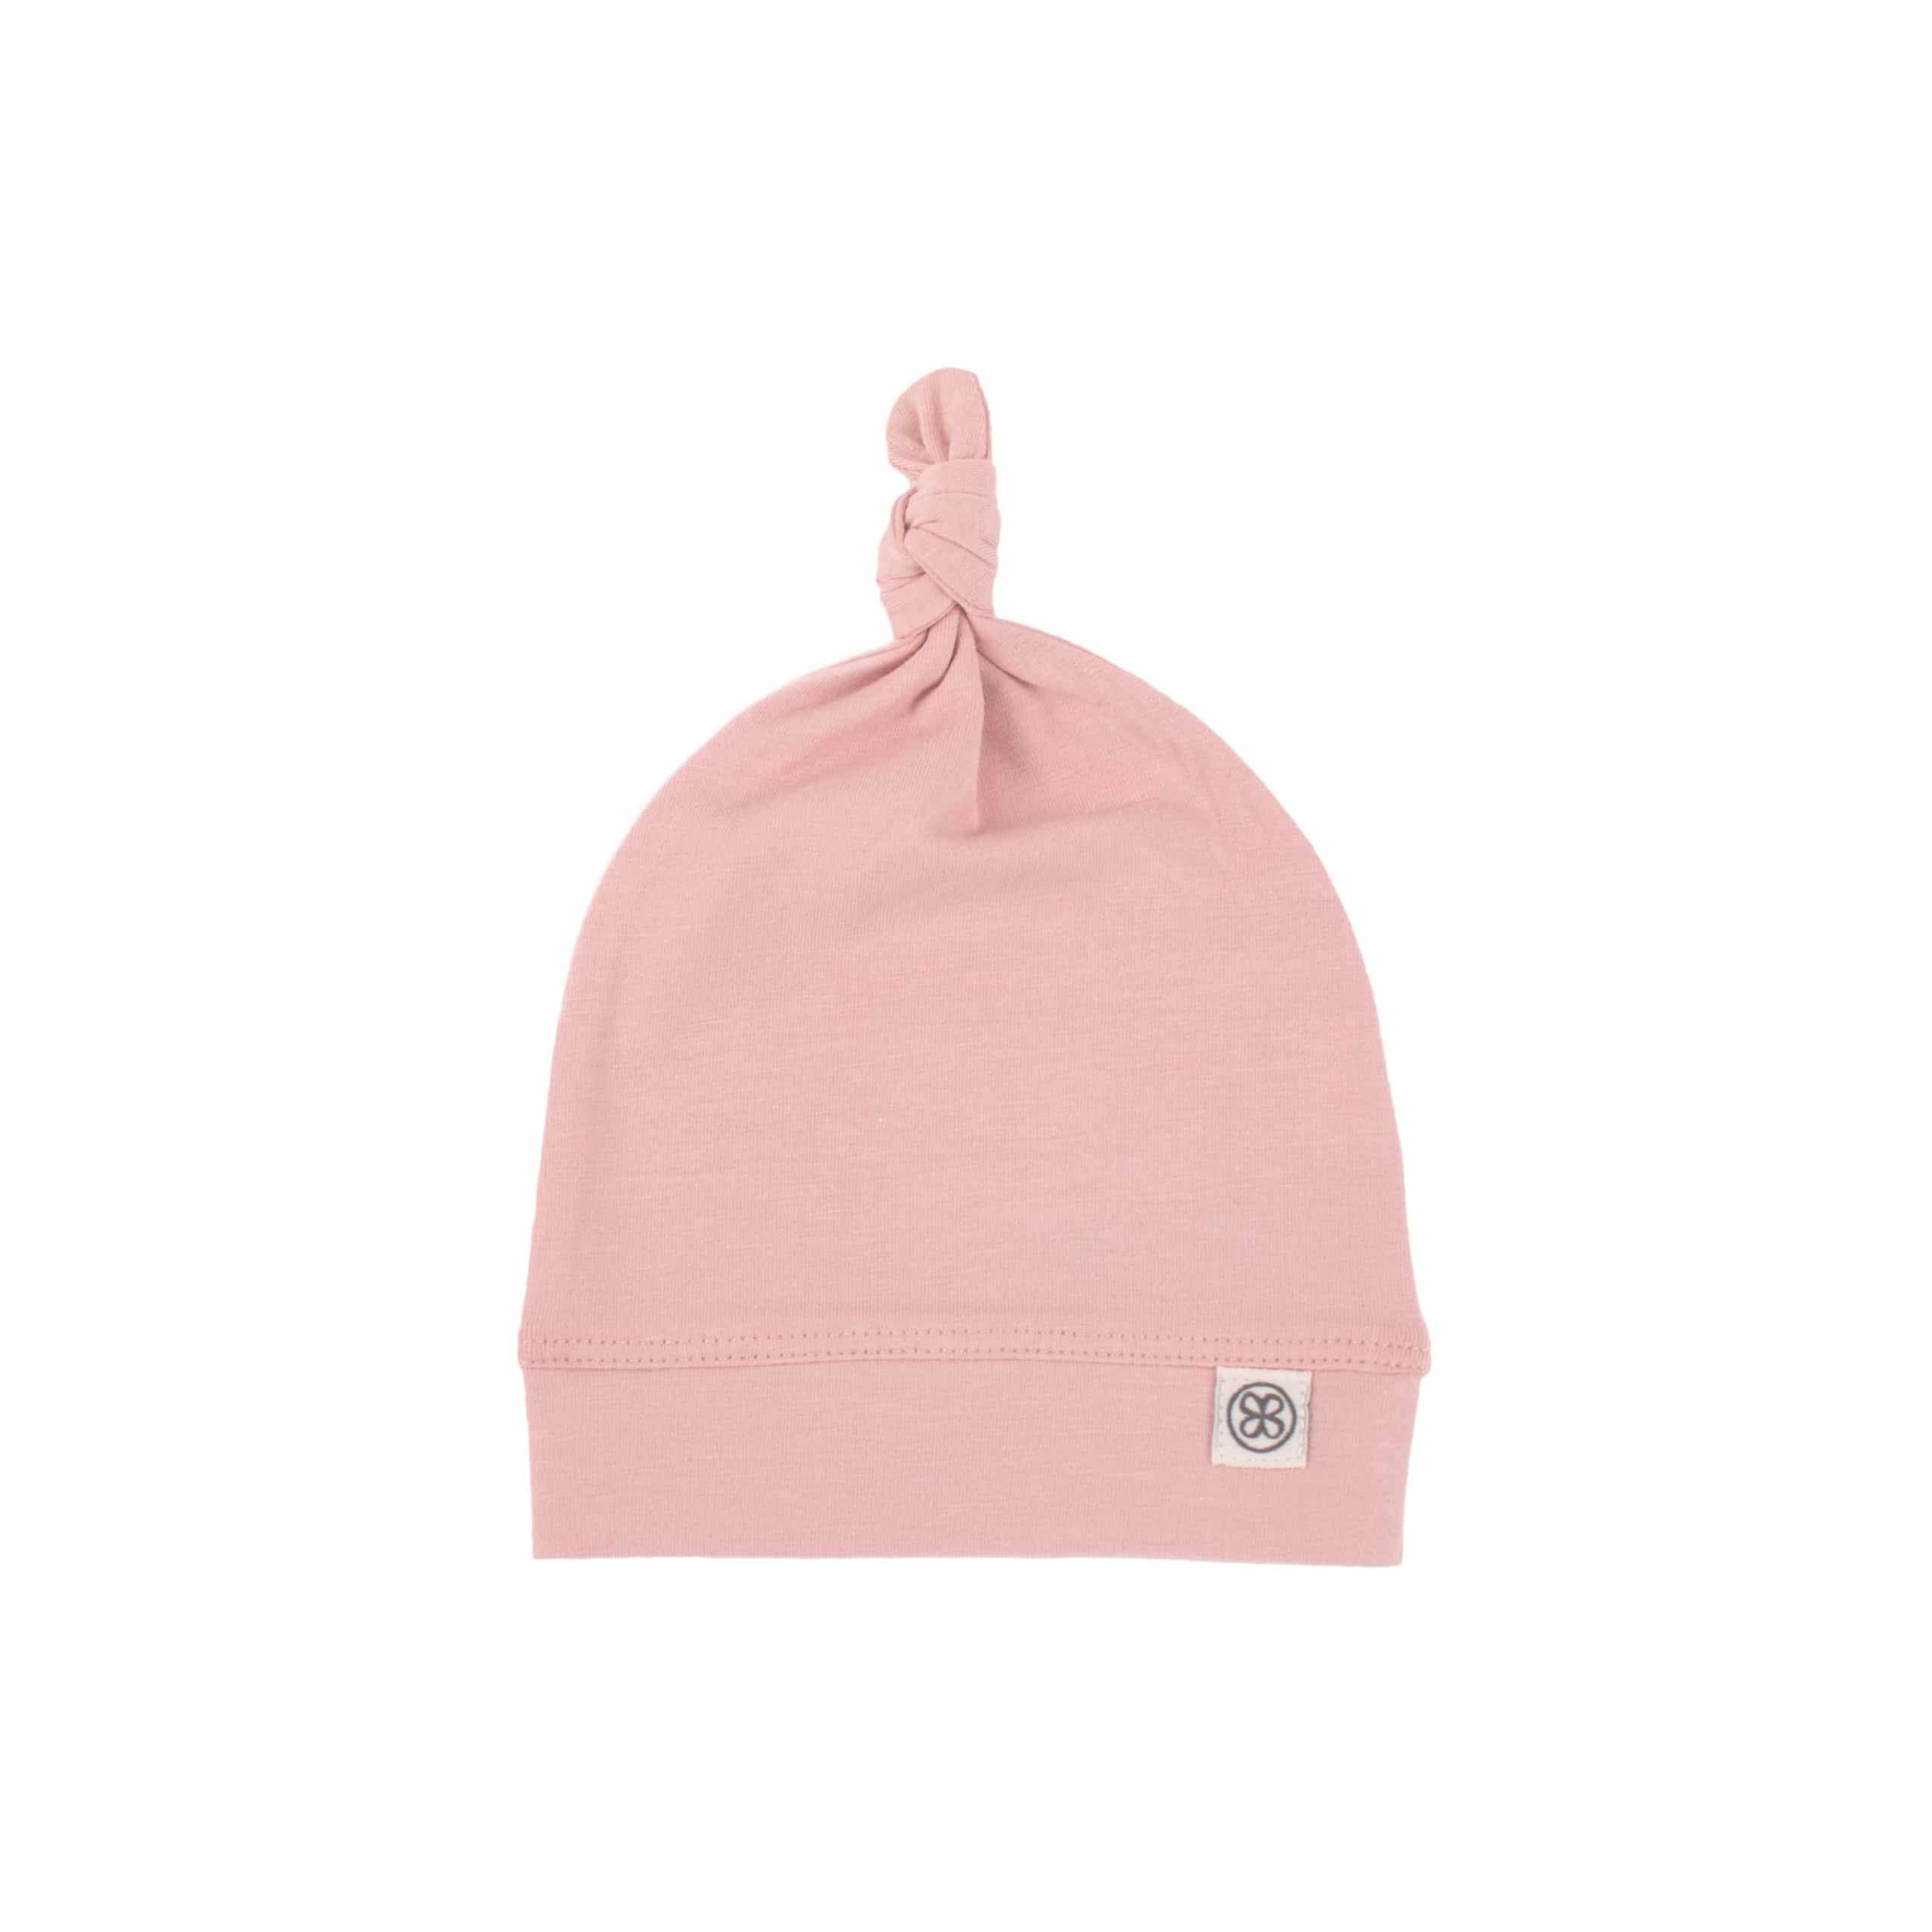 Mütze mit UV-Schutz (UPF 50+) rosa (Gr. 62-68)